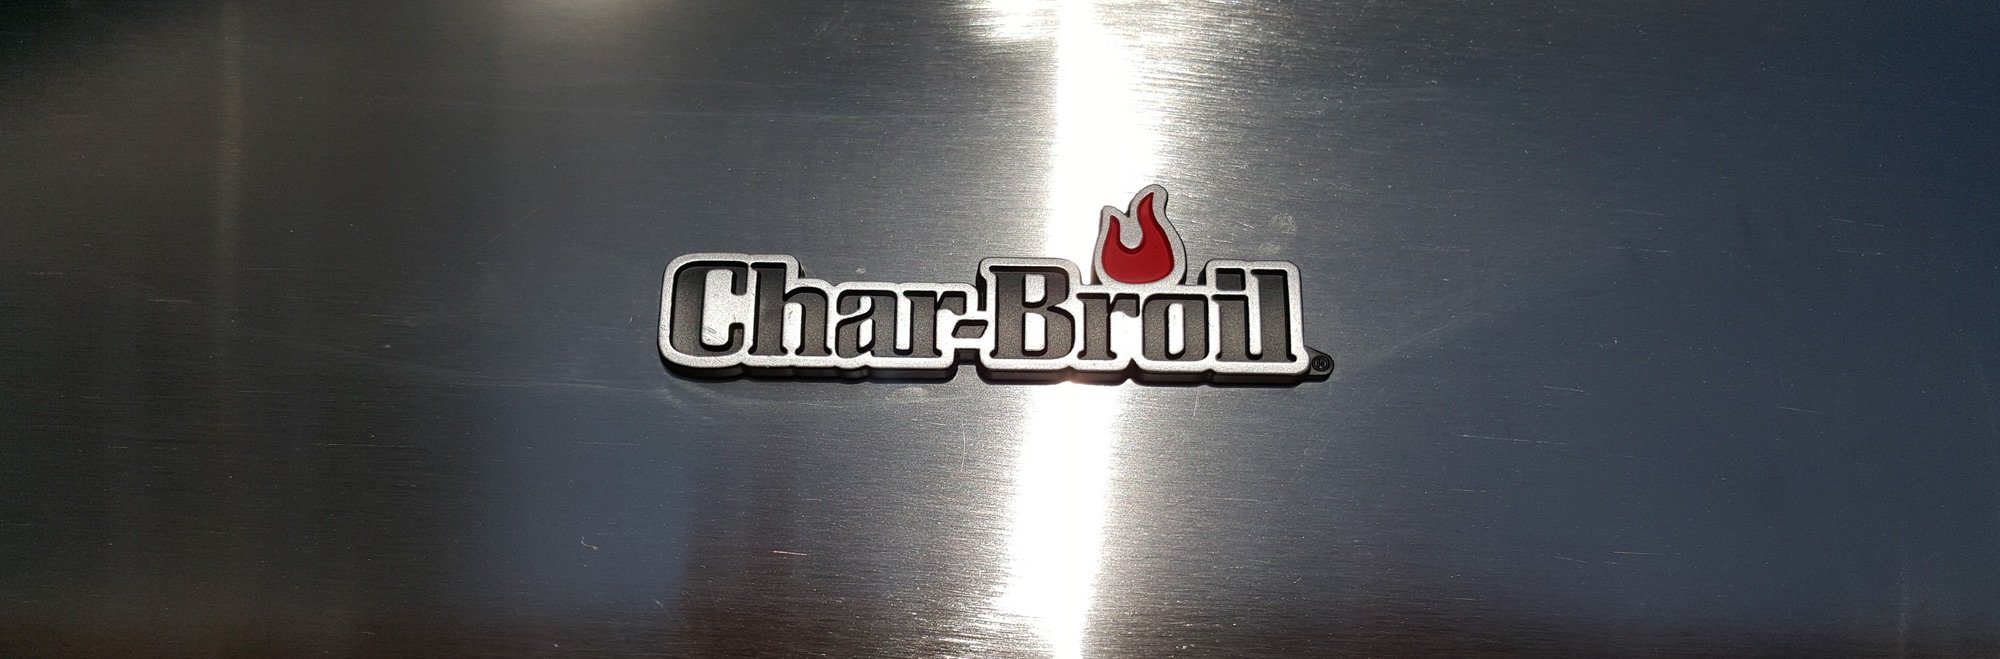 the best u0027budget u0027 barbecue grill i u0027ve found char broil